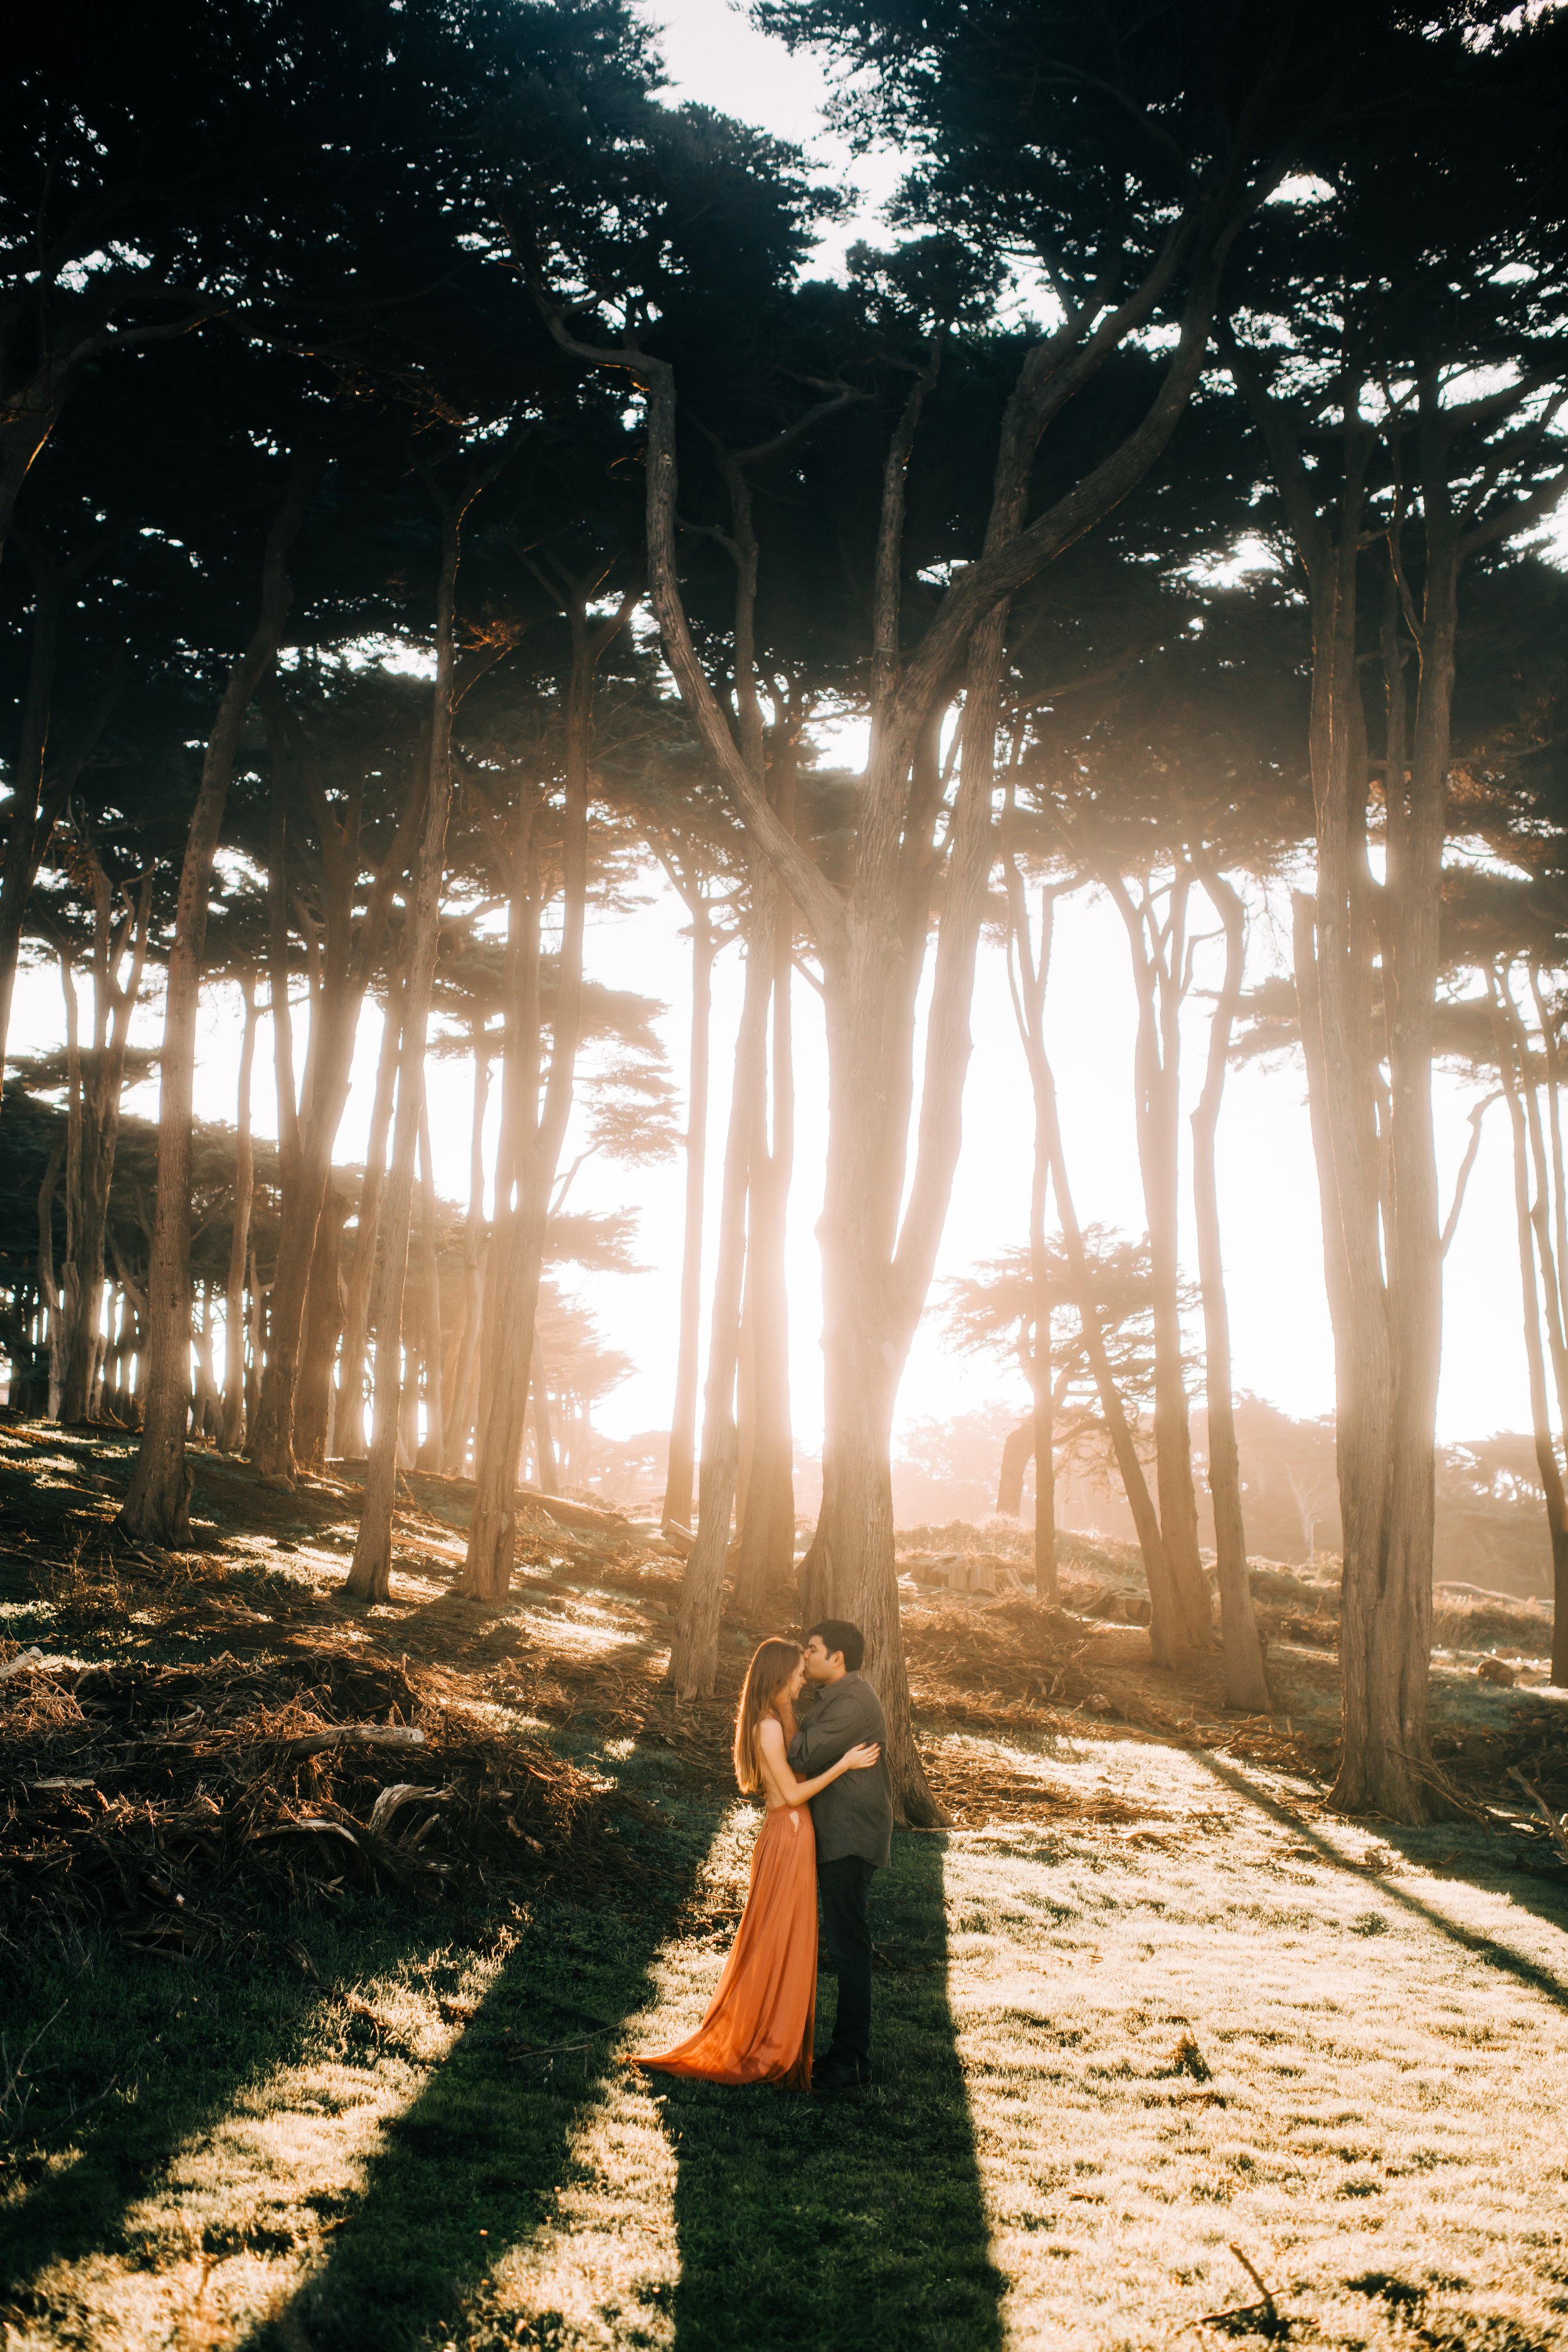 san francisco oakland bay area california sf yosemite sutro baths lands end sf  nontraditional wedding photographer -294.jpg